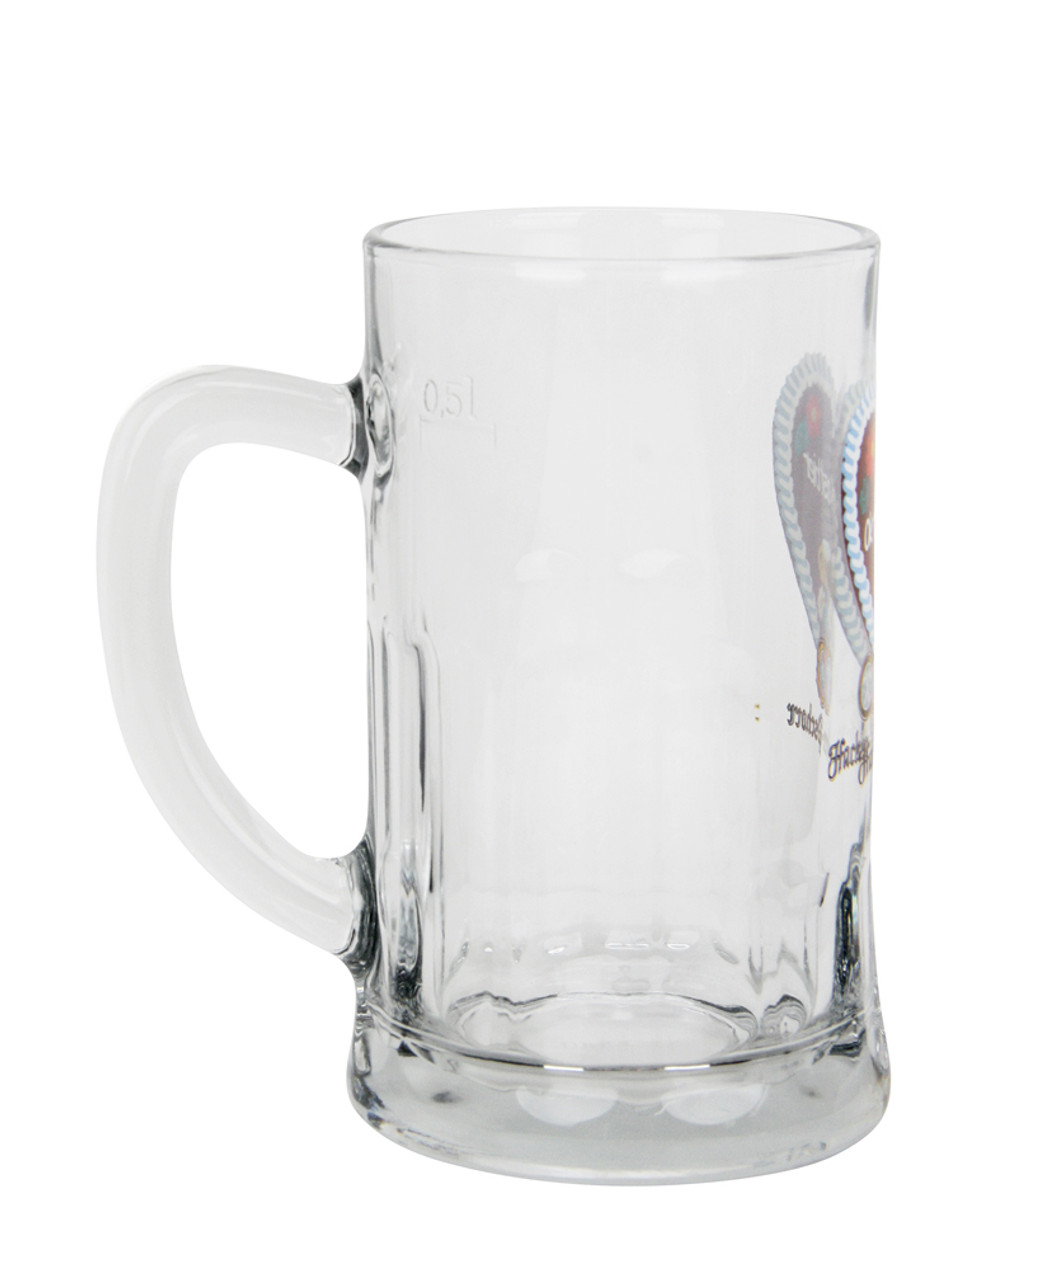 Oktoberfest Glass Beer Mug